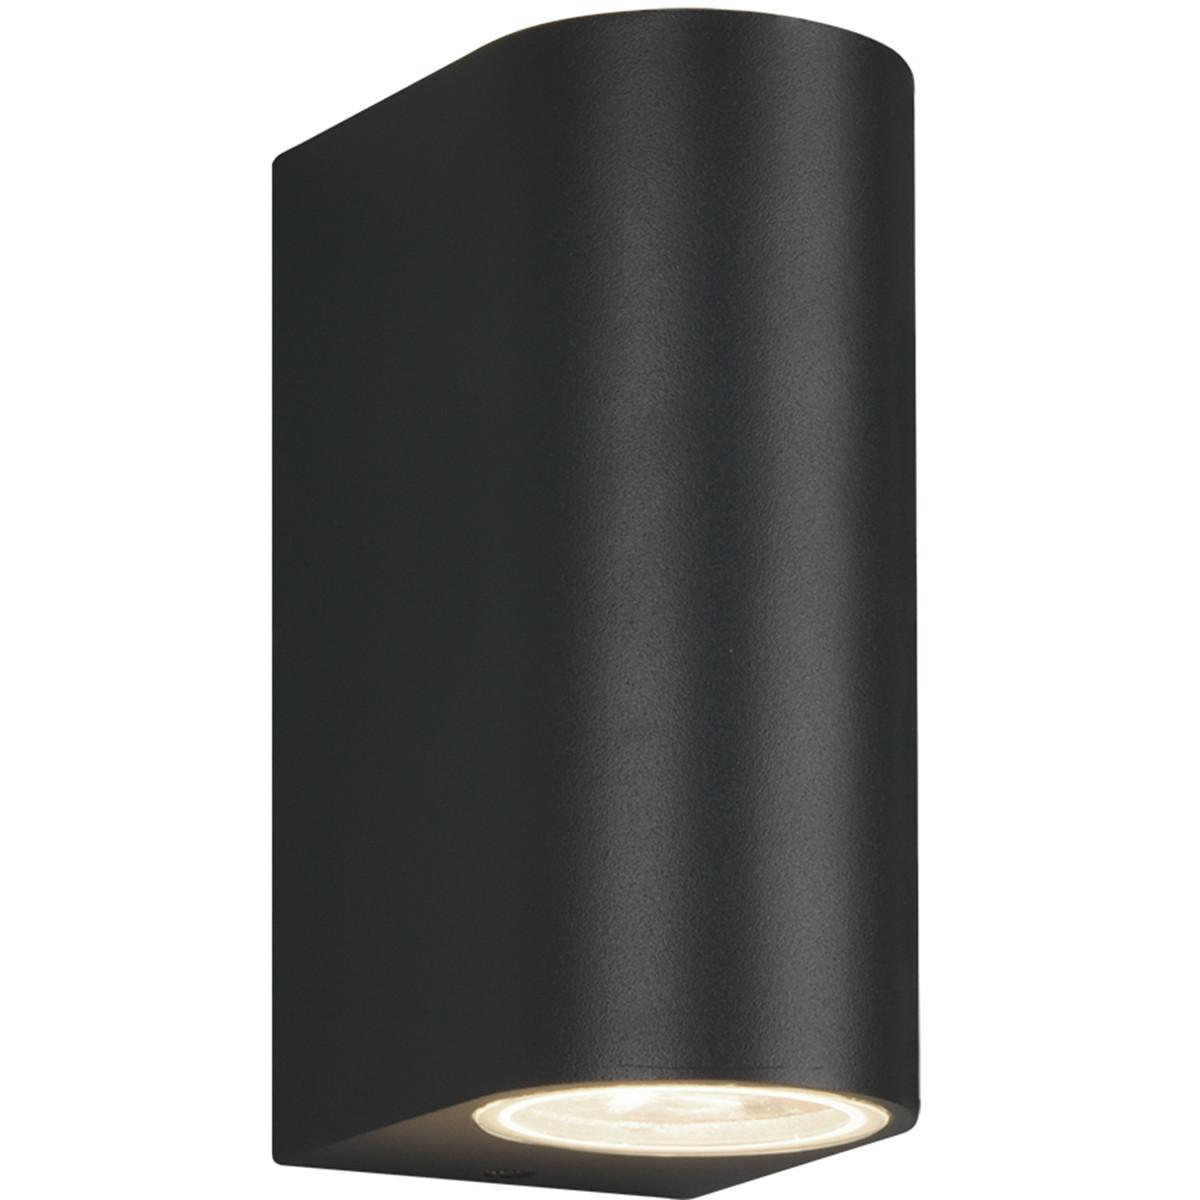 LED Tuinverlichting - Tuinlamp - Trion Royina - Wand - GU10 Fitting - Mat Zwart - Aluminium - Ovaal